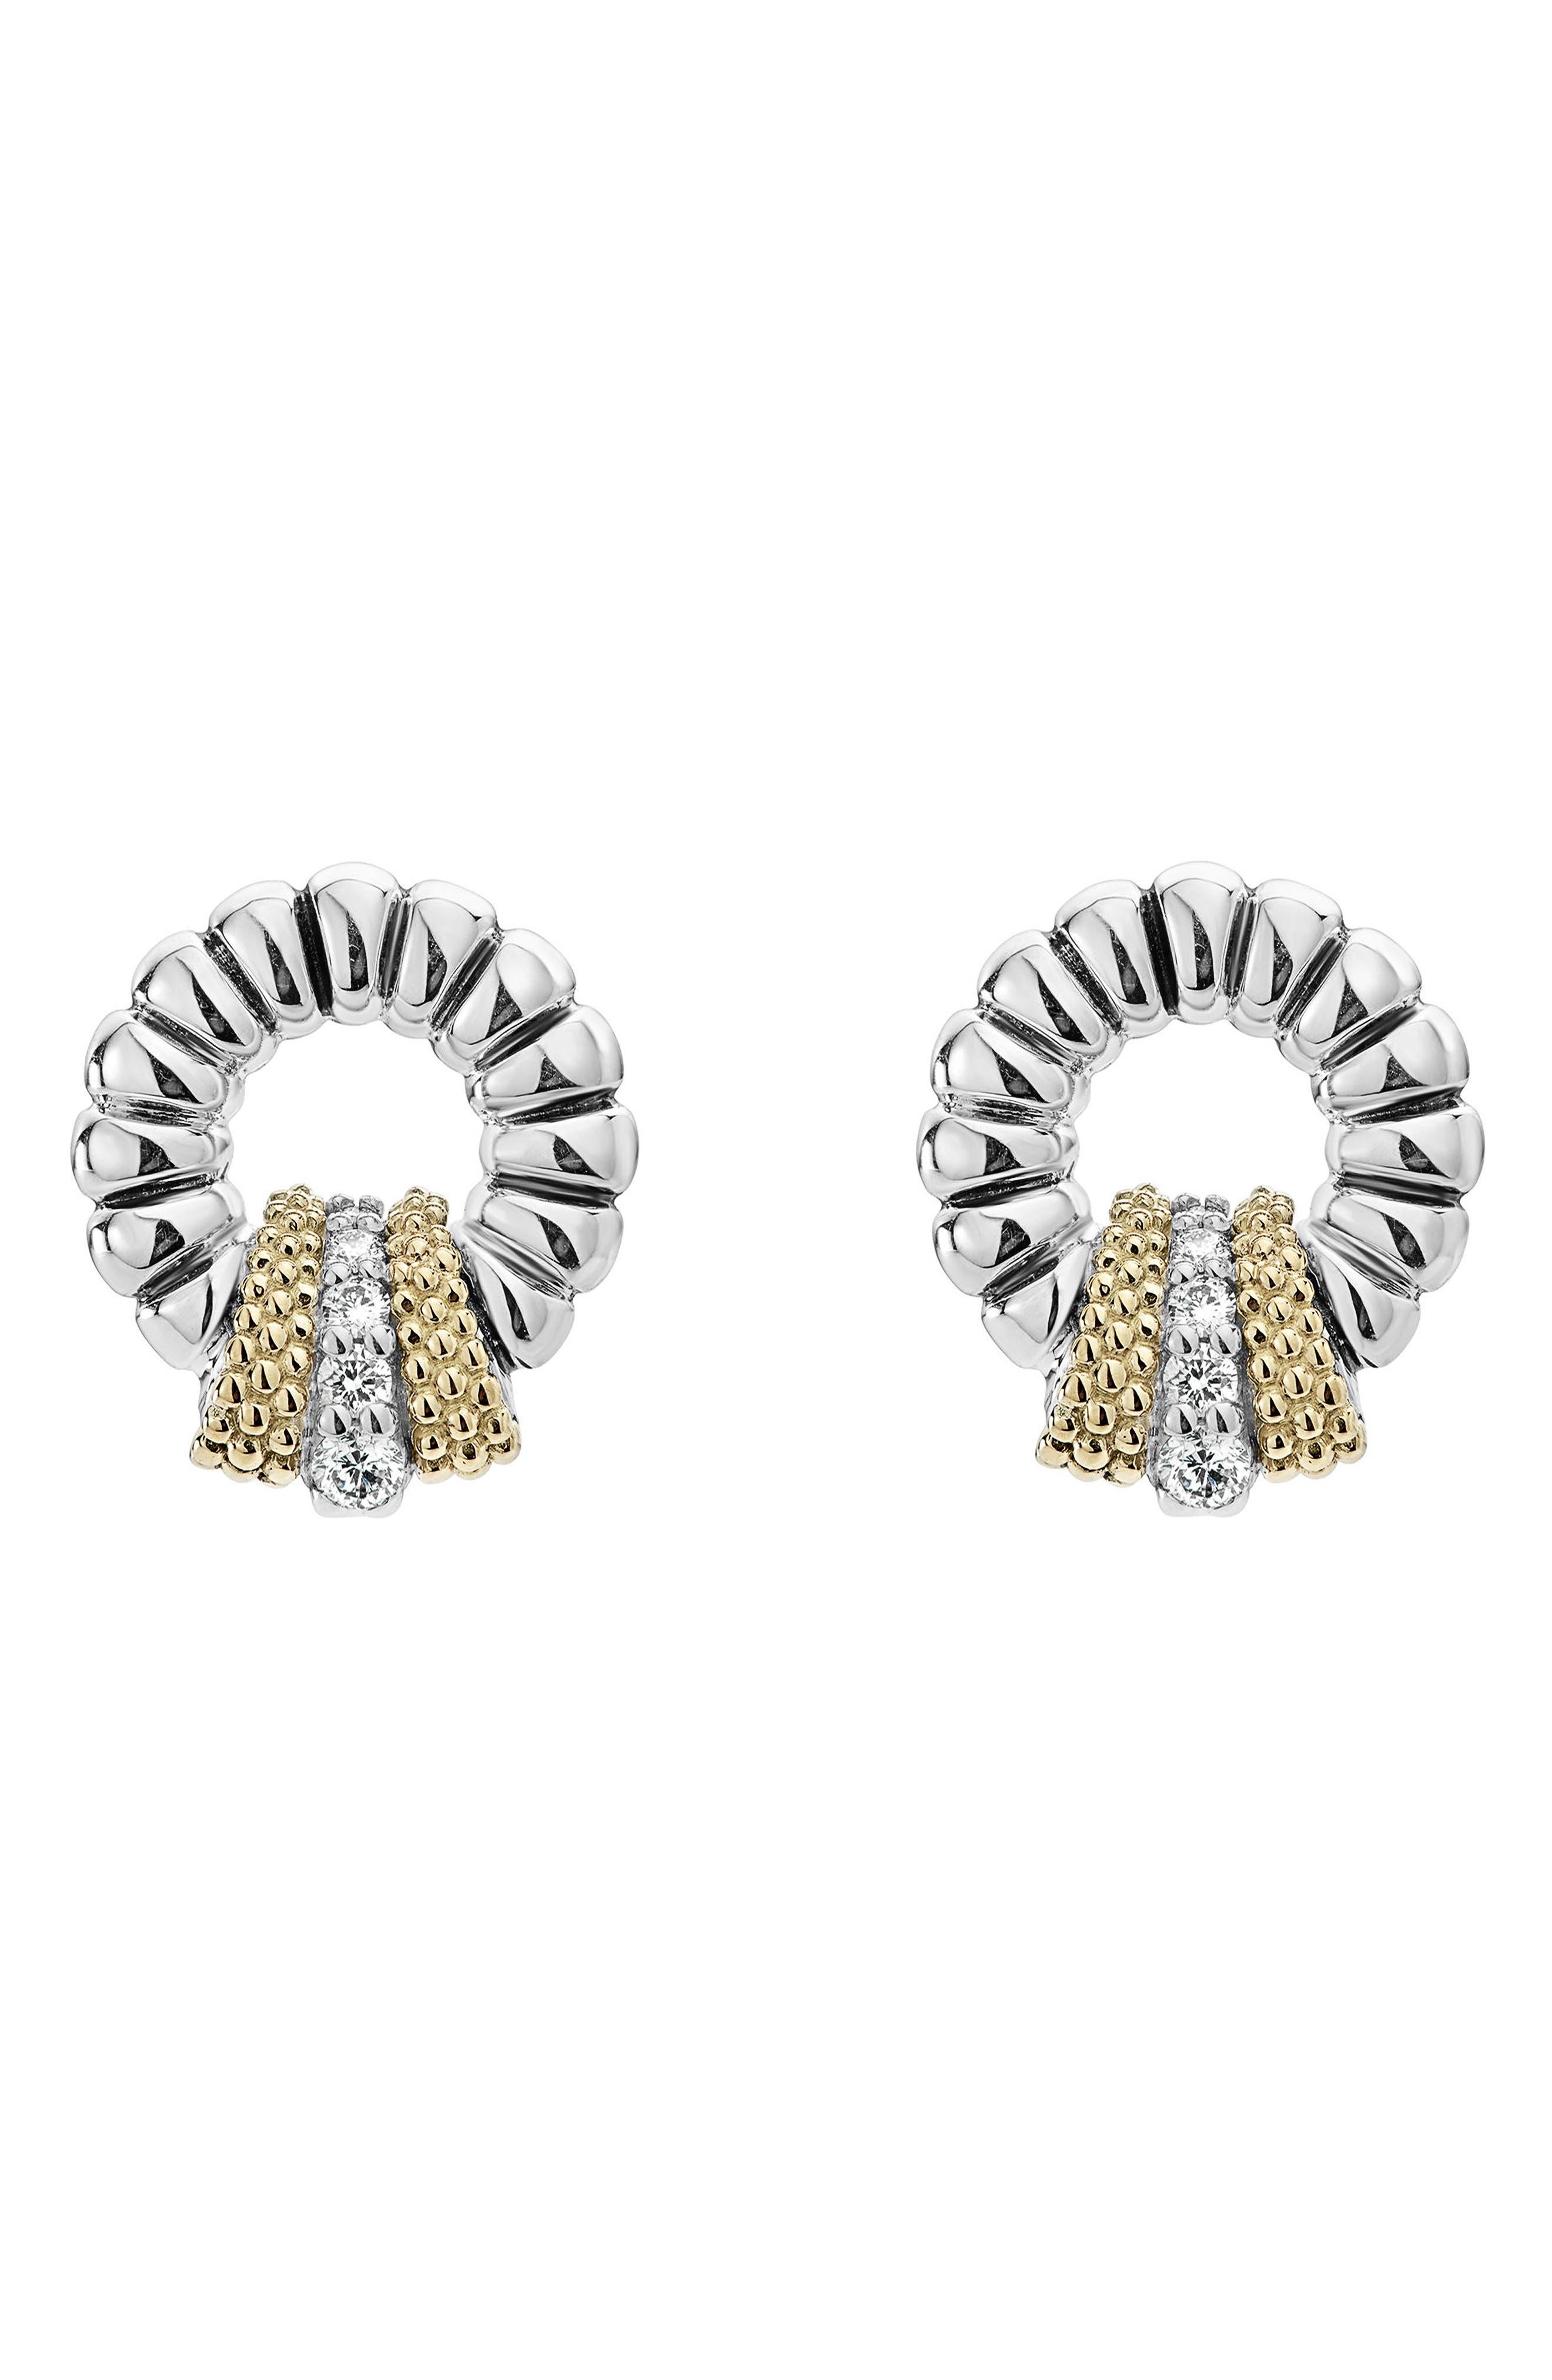 LAGOS Lux Diamond Stud Earrings